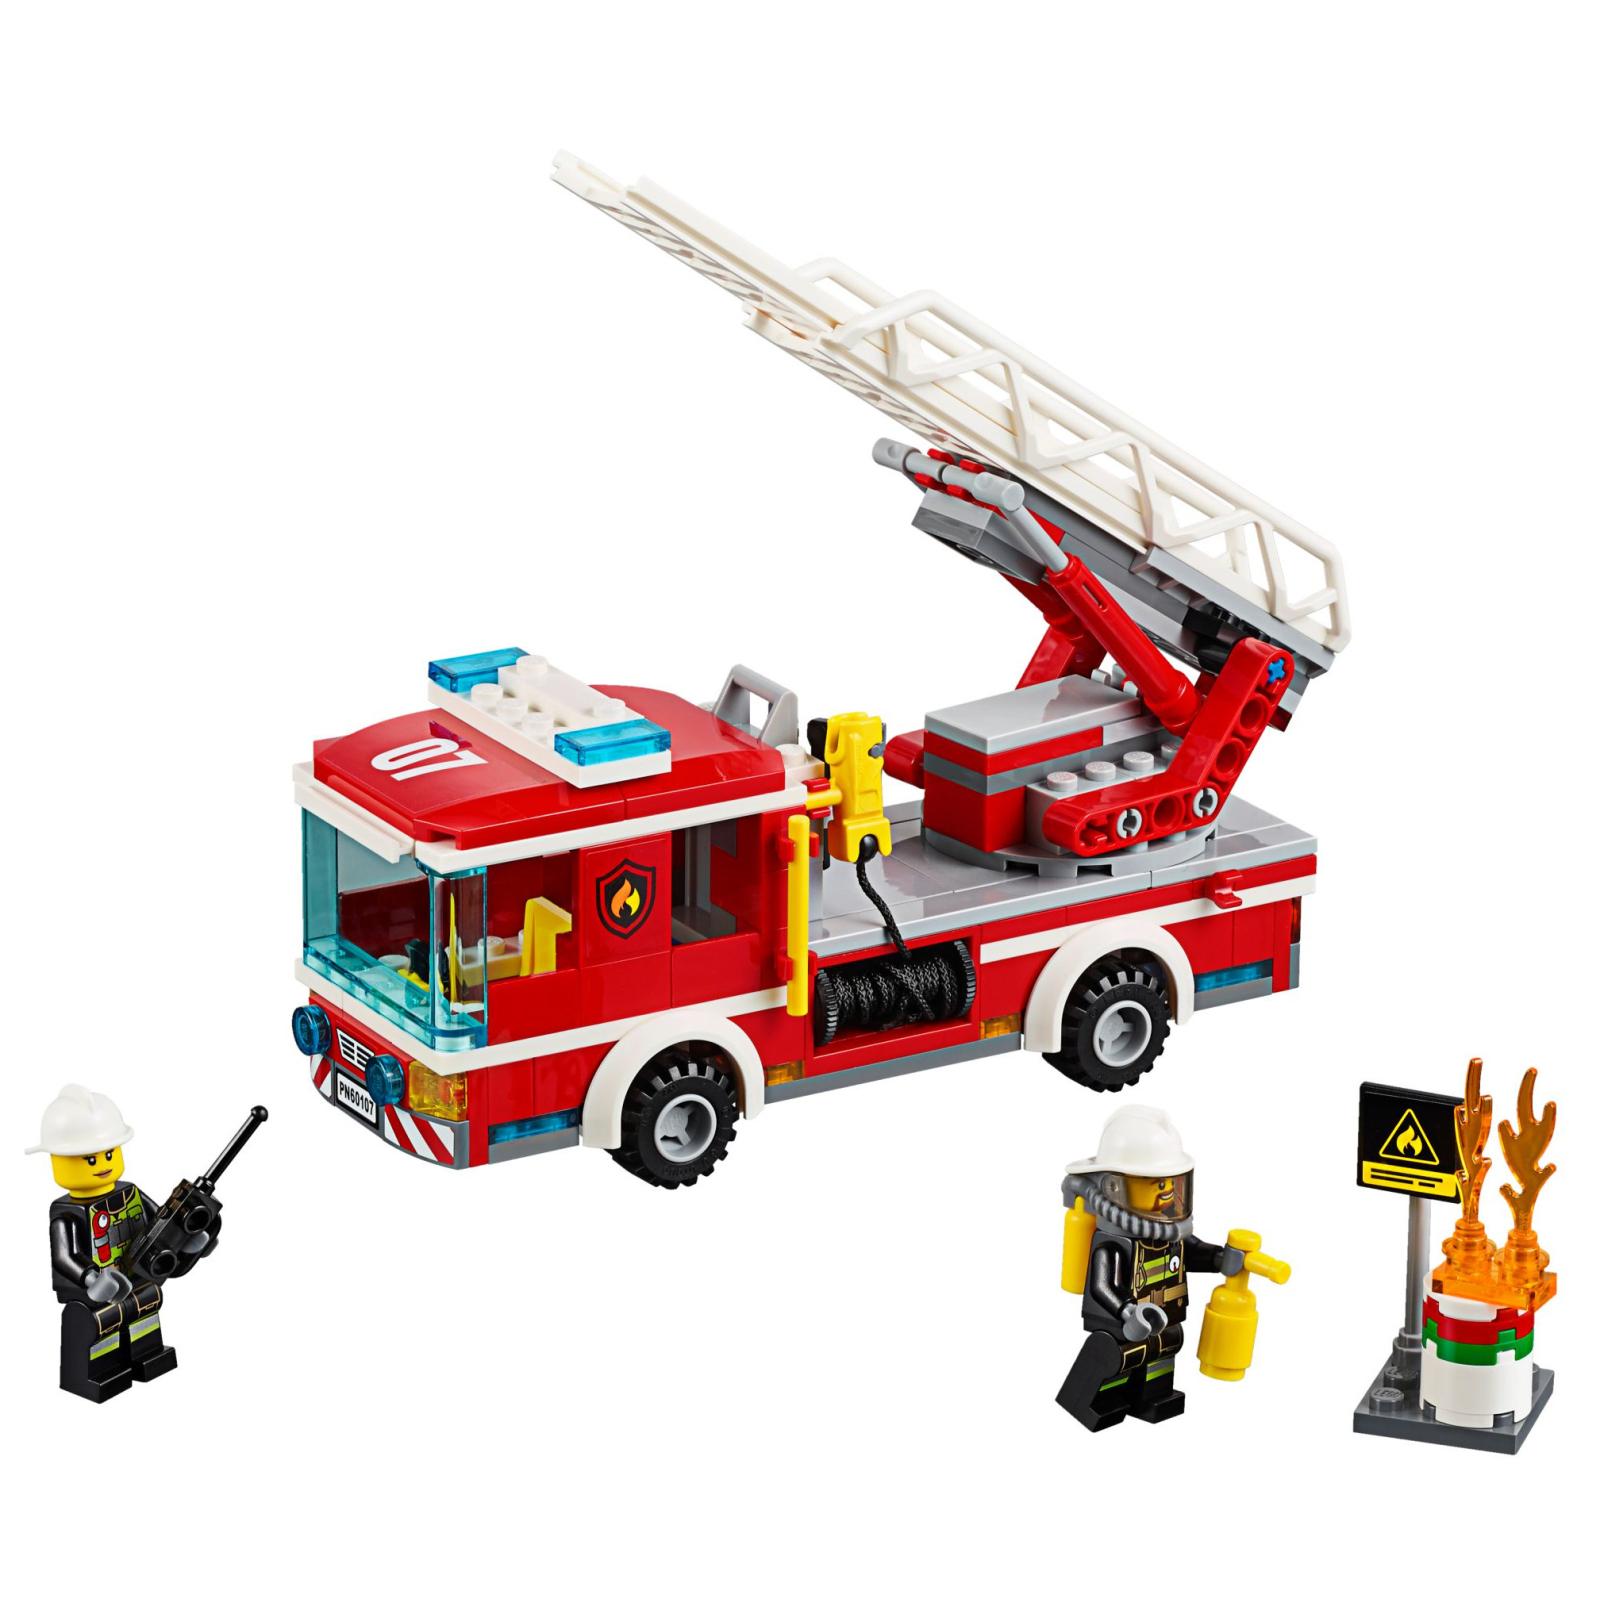 Конструктор LEGO City Fire Пожарный автомобиль с лестницей (60107) изображение 2